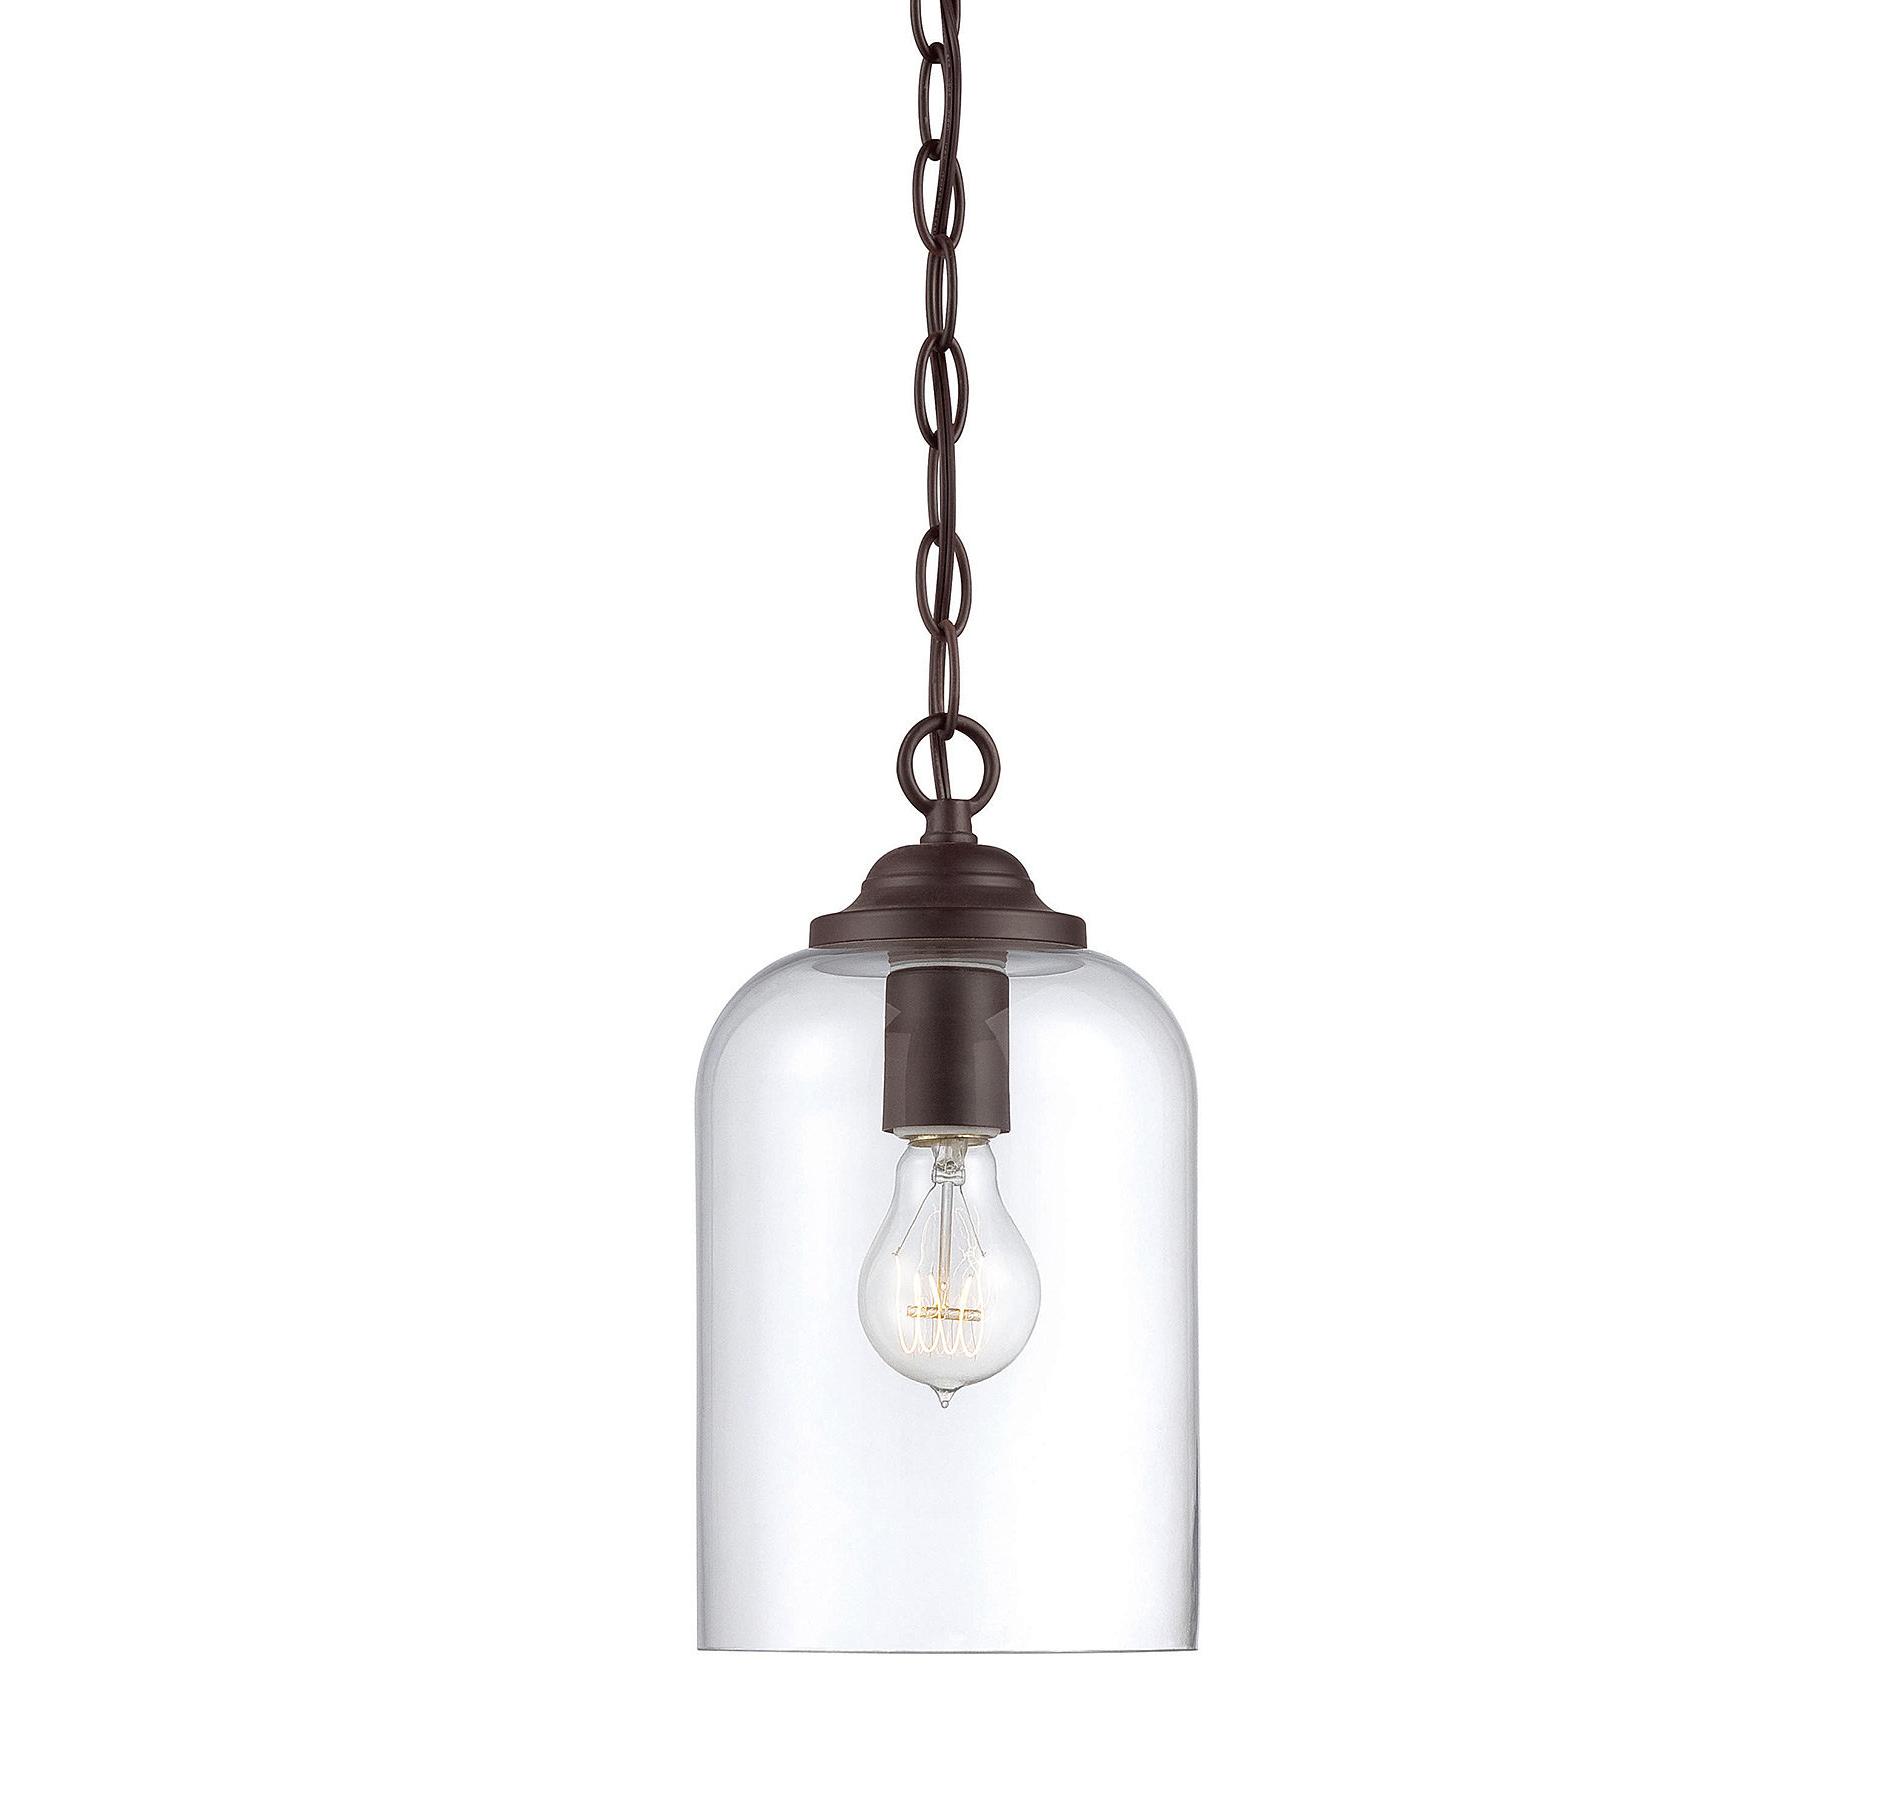 Favorite Roslindale 1 Light Single Bell Pendants Intended For Silber 1 Light Single Bell Pendant (View 17 of 25)